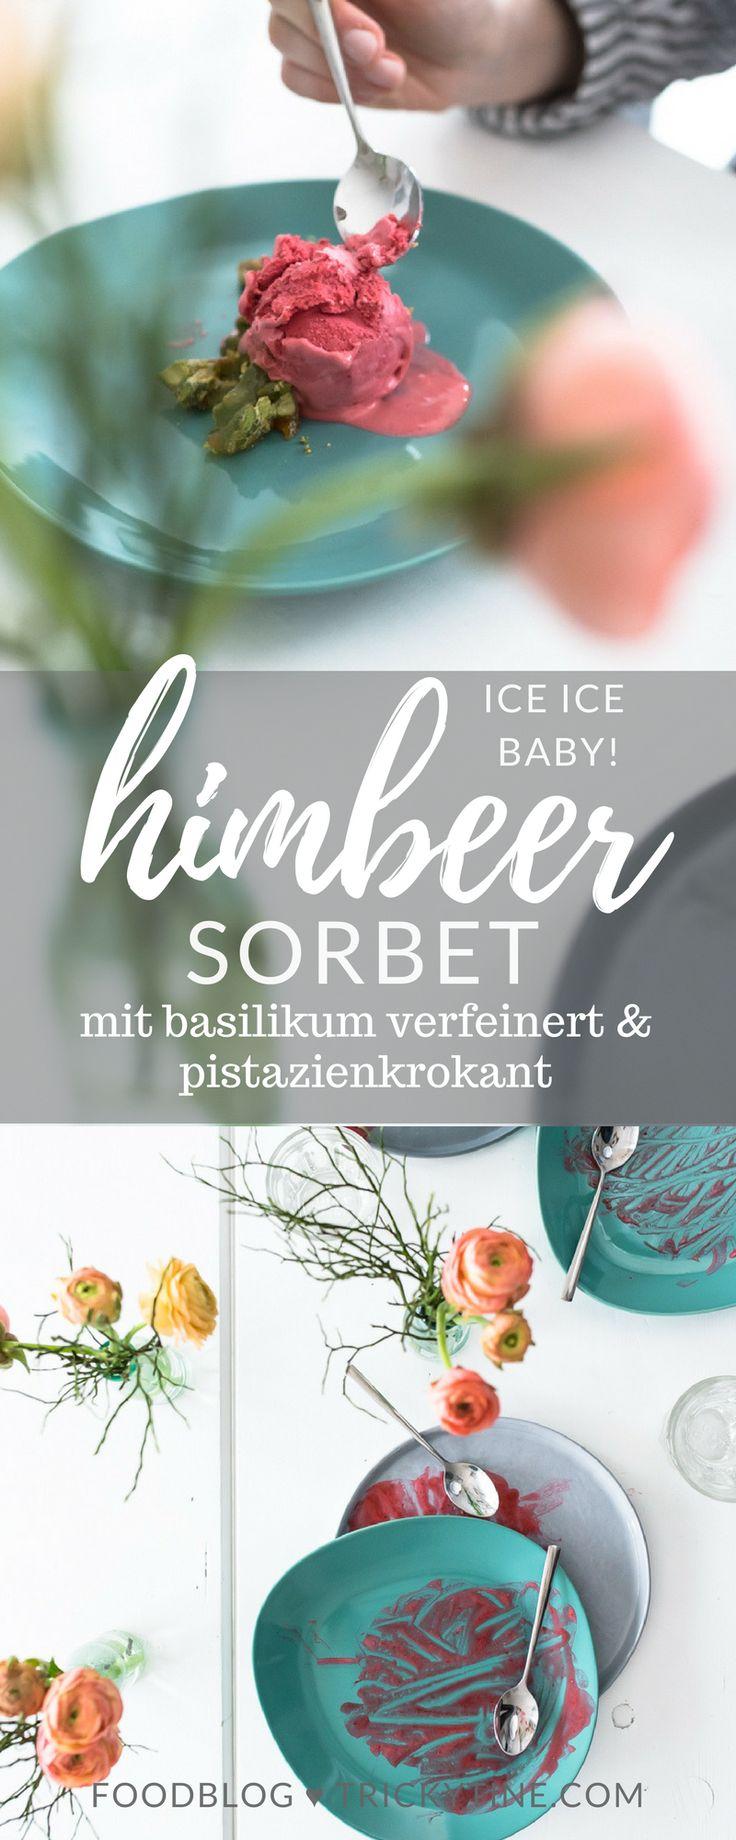 rezept für super leckeres himbeersorbet mit basilikum und pistazienkrokant ♥ trickytine.com